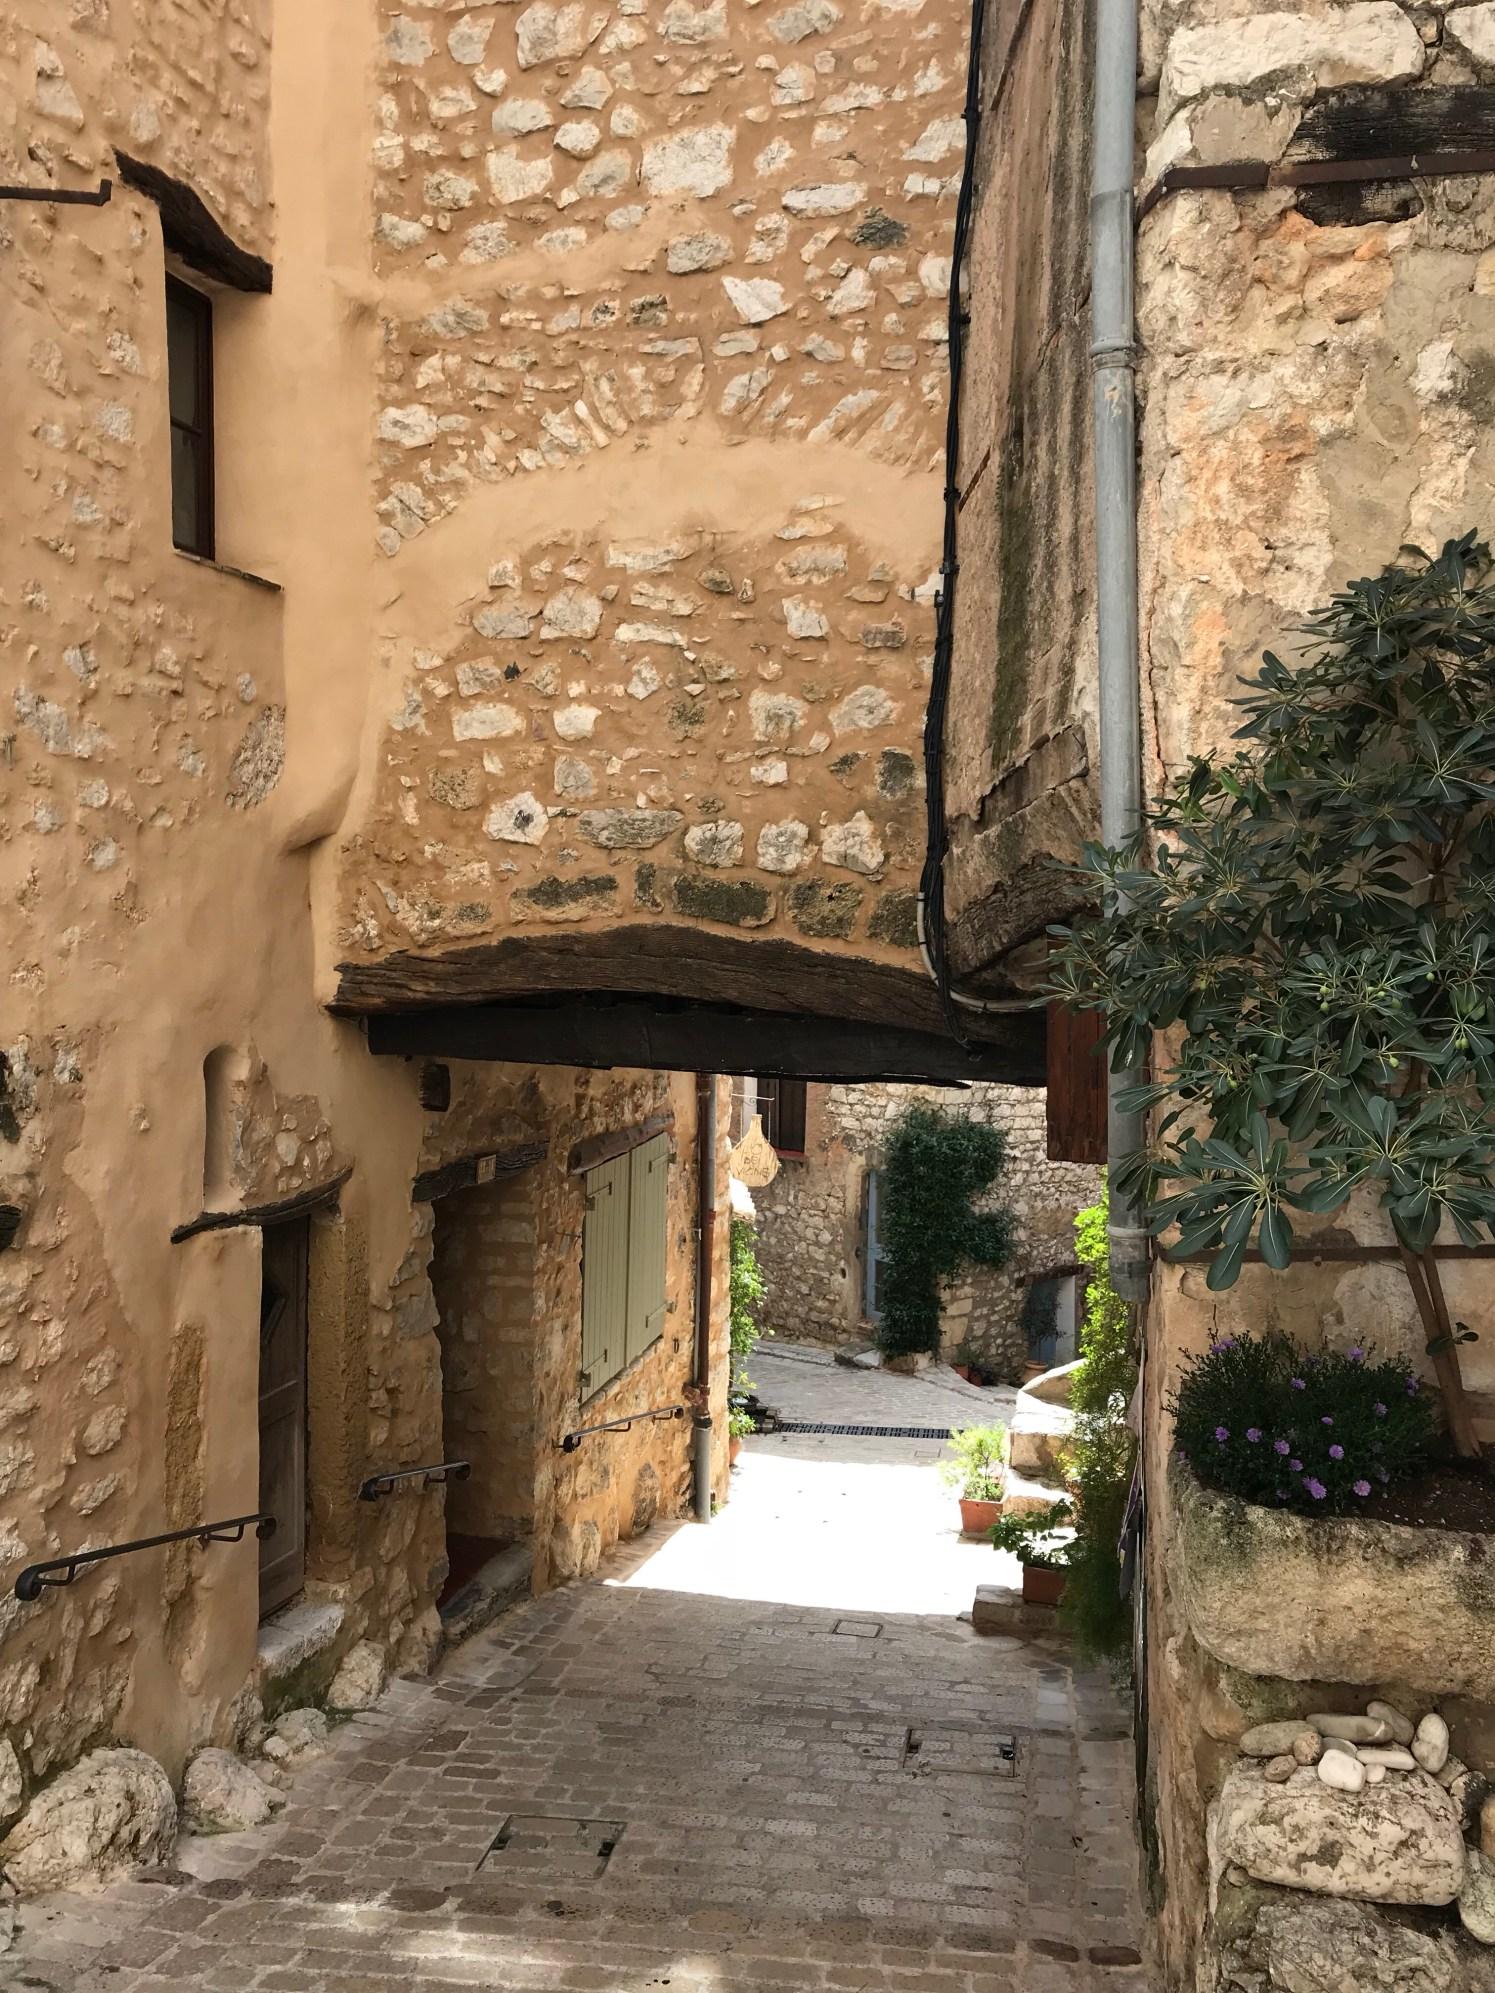 Hot spots on the Côte d'Azur